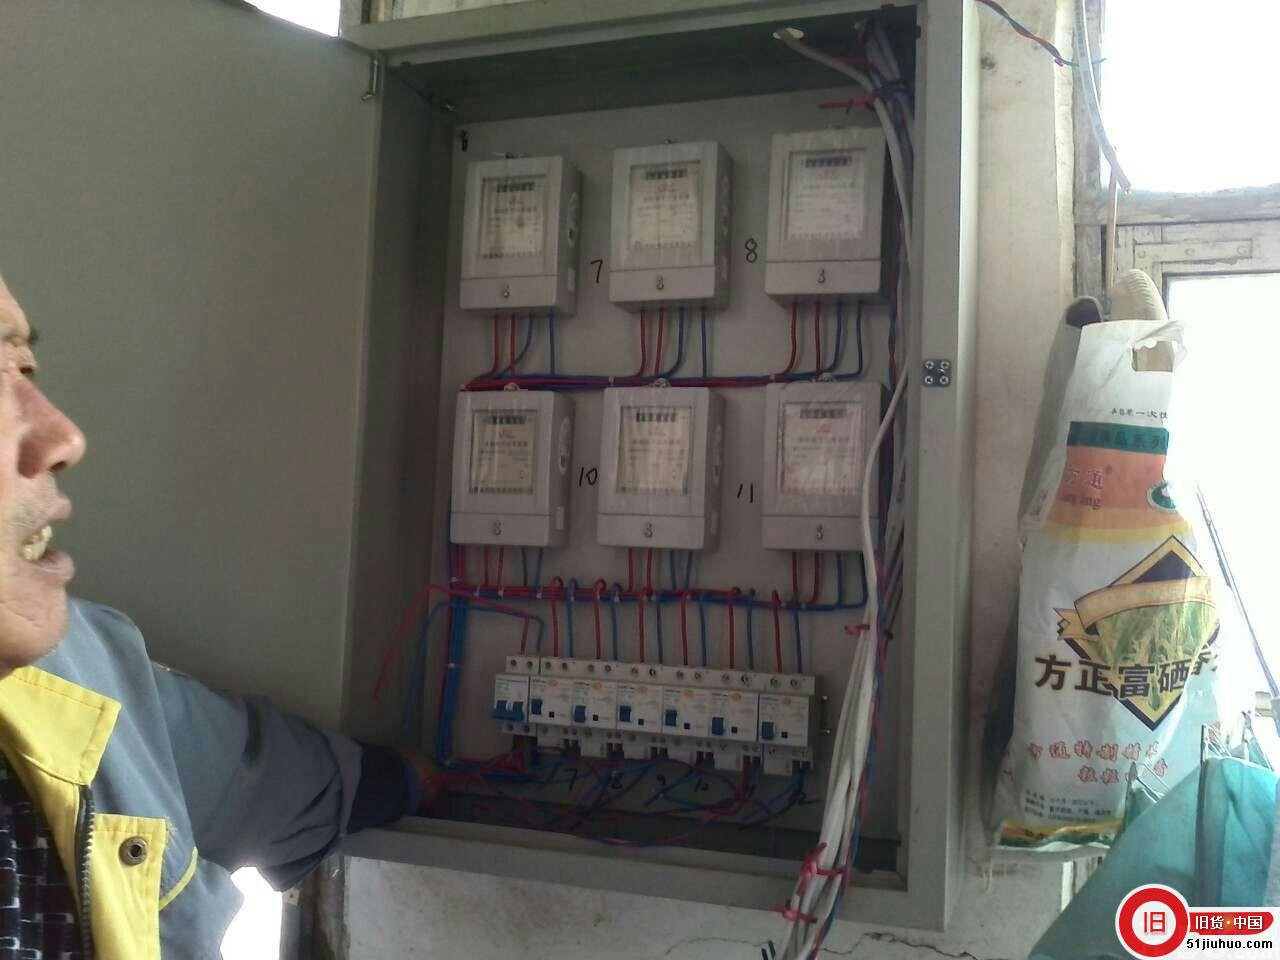 急转压力罐,电表(含表箱),潜水泵-适合农村租